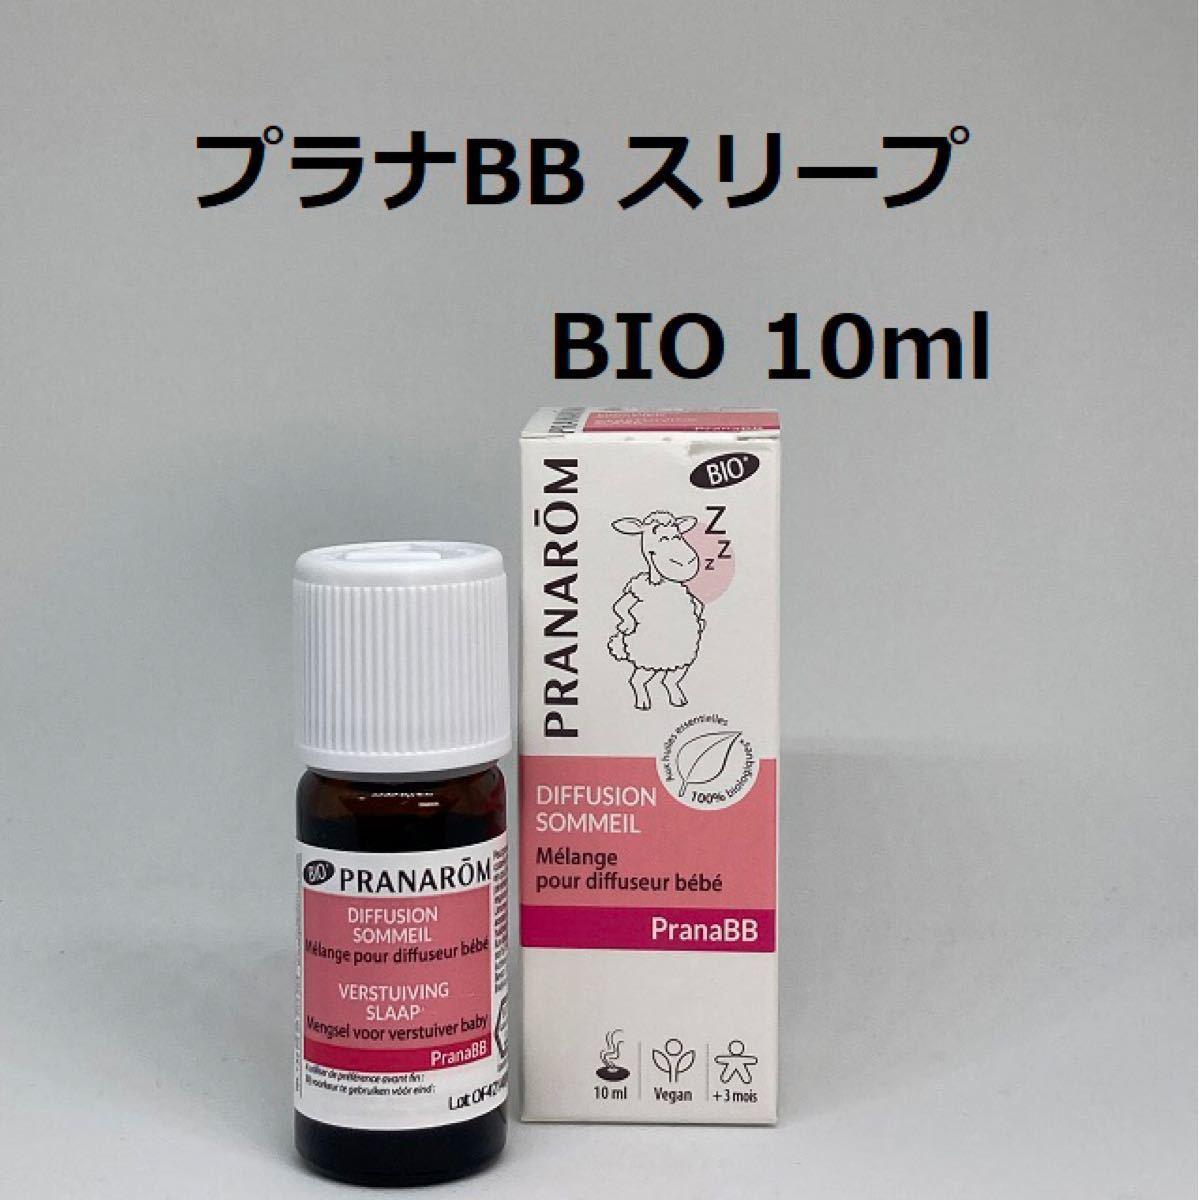 プラナロム プラナBB スリープ 10ml 精油 PRANAROM アロマ